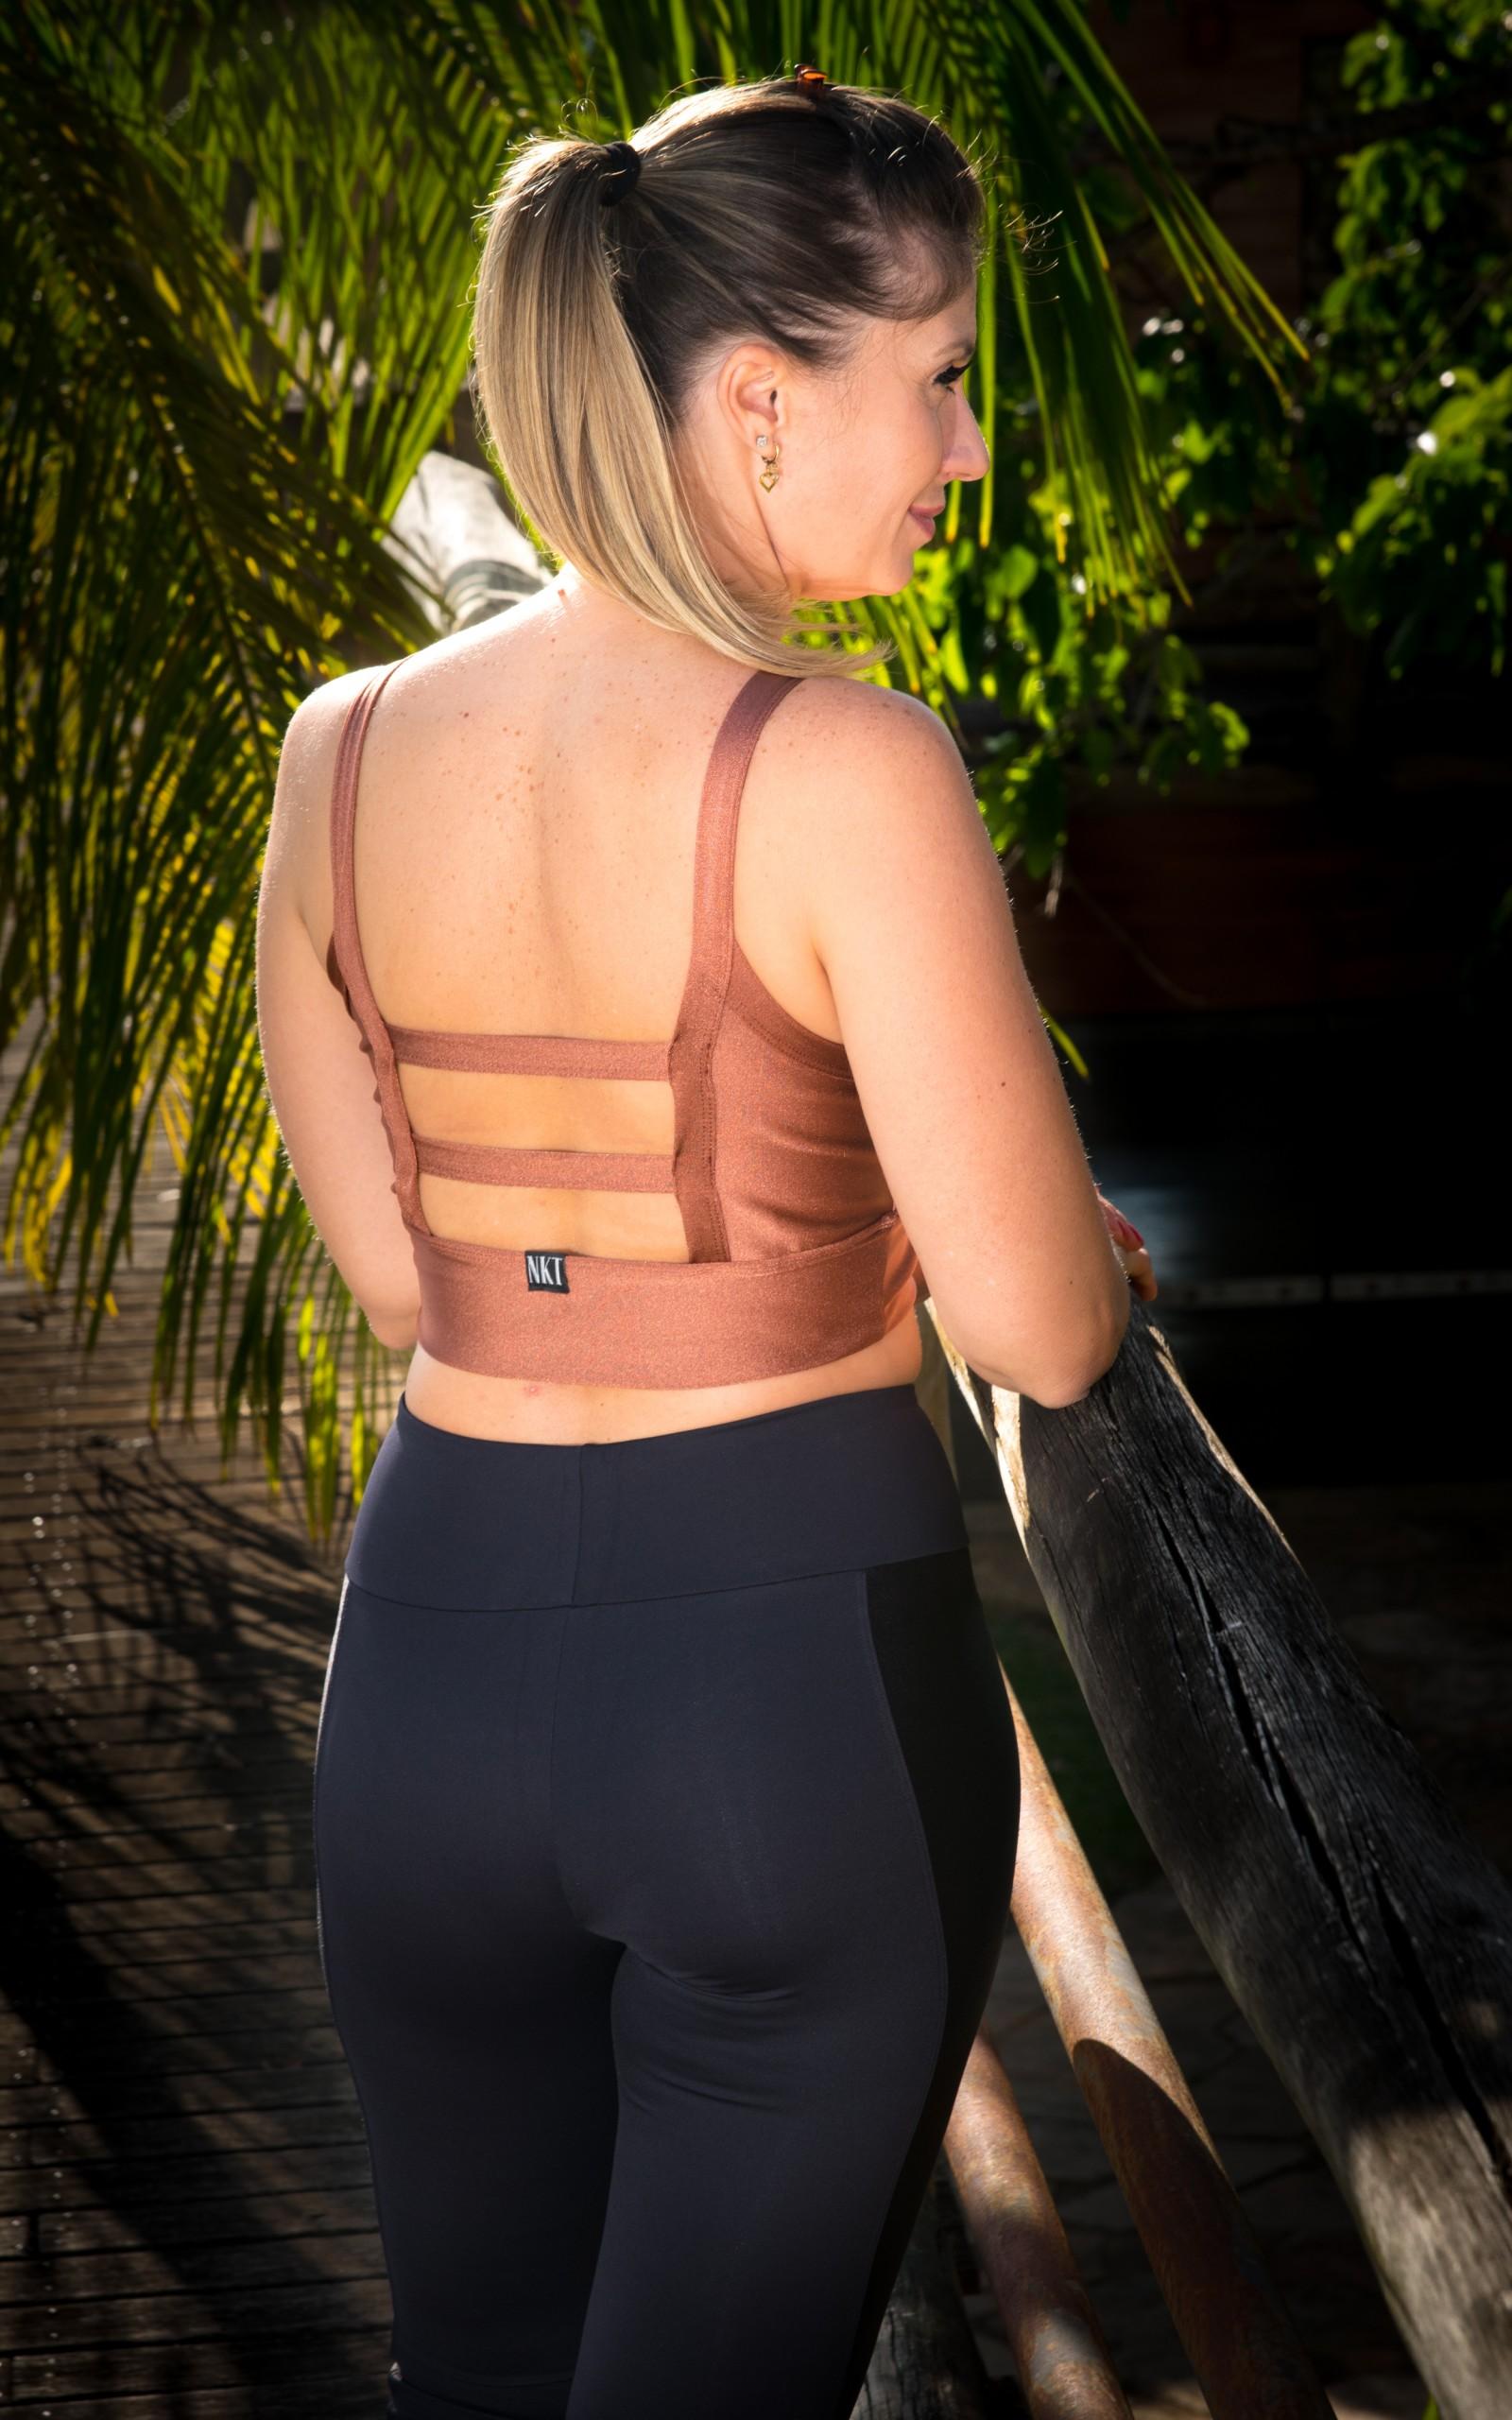 Croopped Alluring Cobre, Coleção YOURSELF - NKT Fitwear Moda Fitness